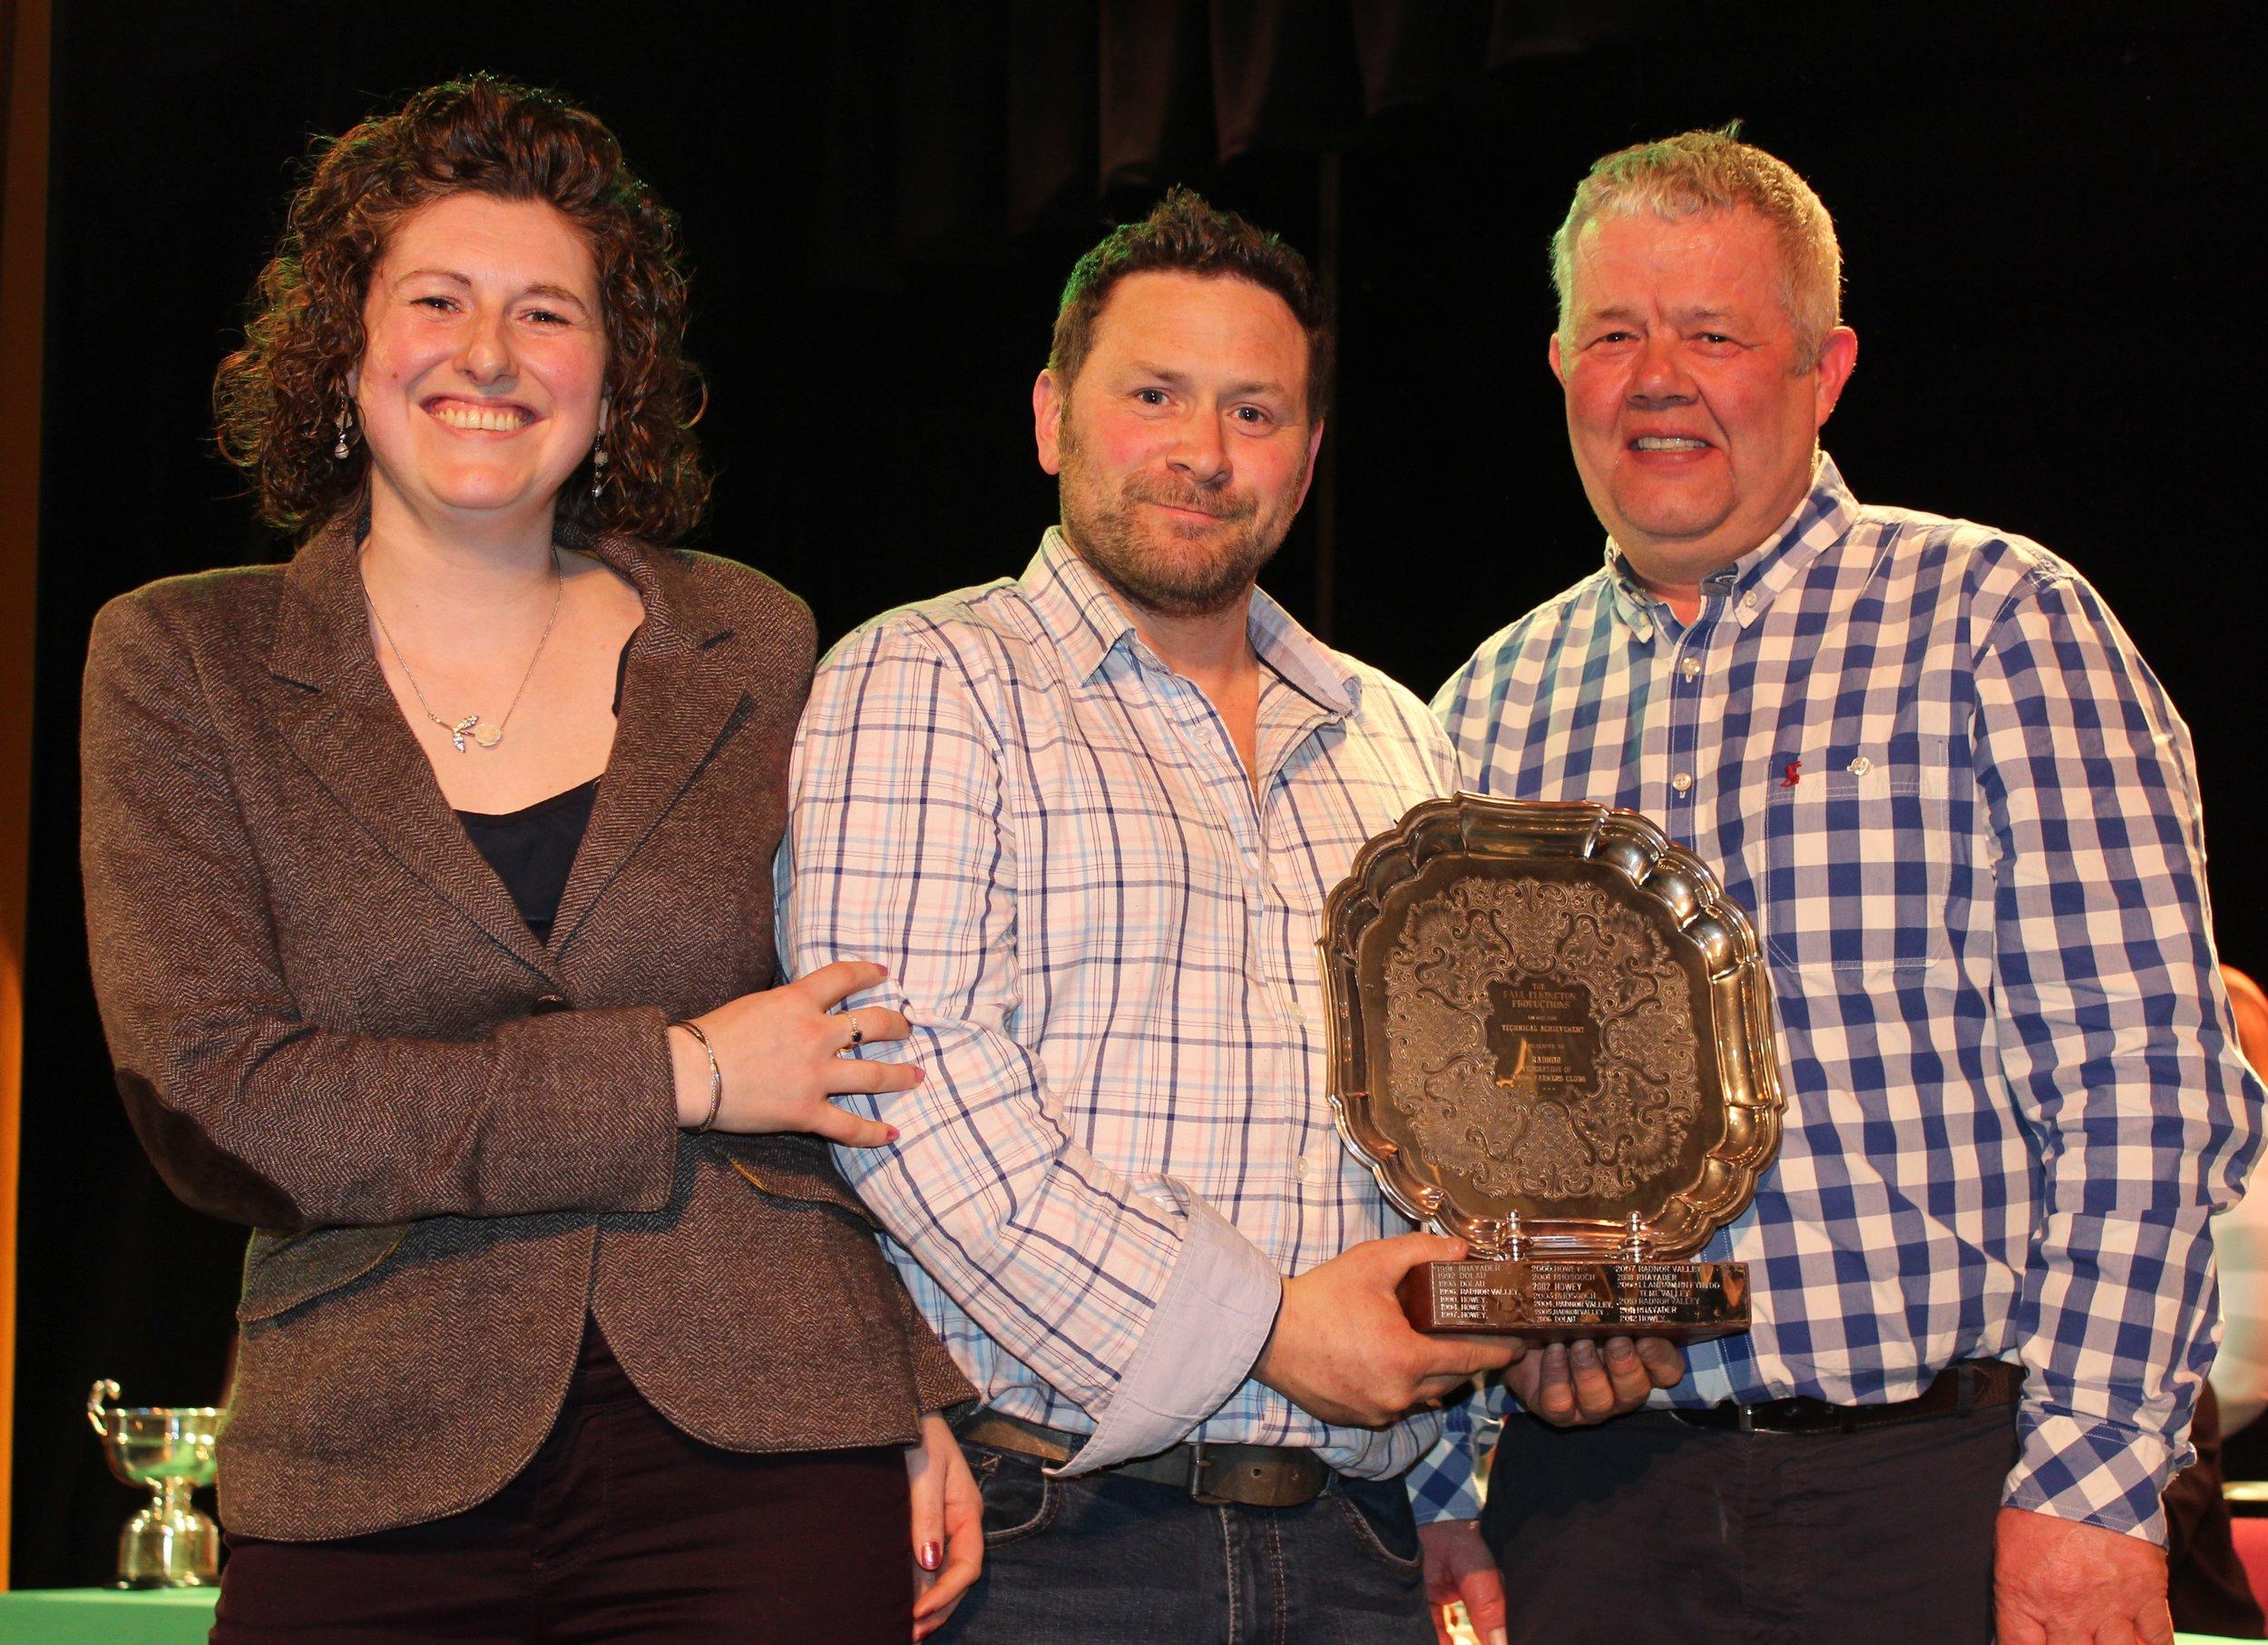 James Powell & Gwyn Price, Llanbadarn Fynydd YFC - Paul Elkington trophy for Technical Merit.